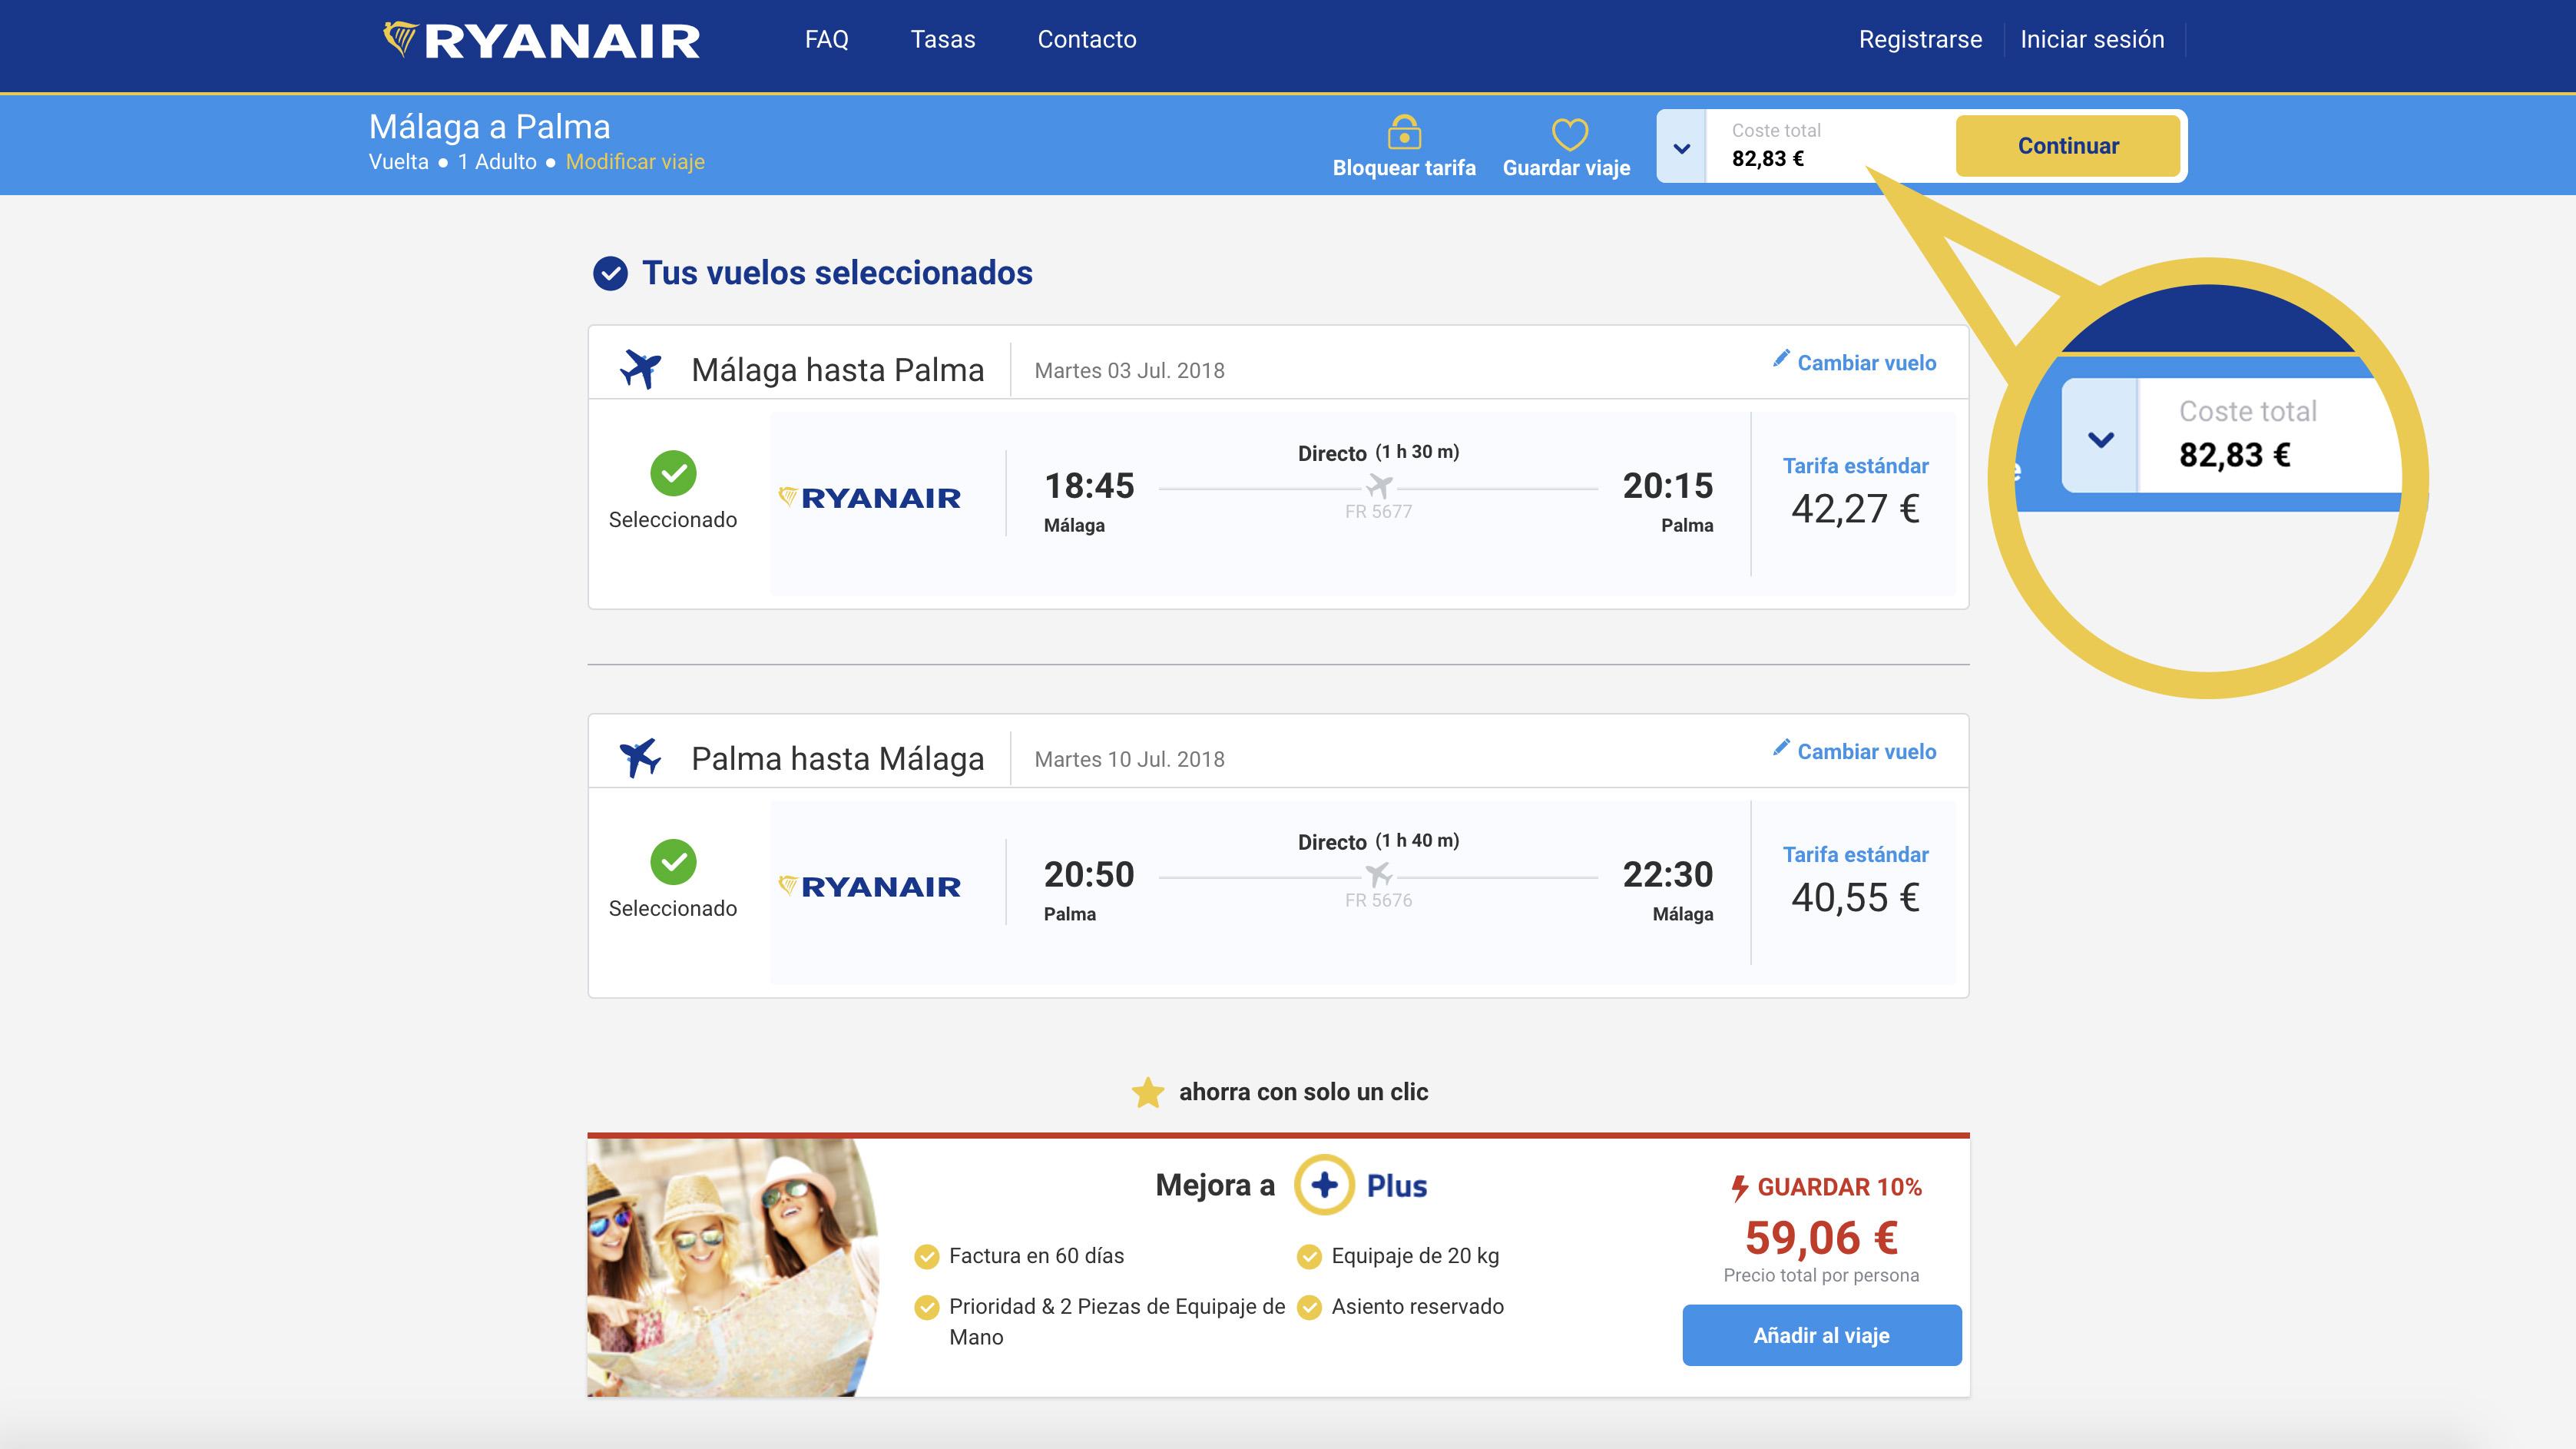 Cómo conseguir vuelos baratos con Ryanair